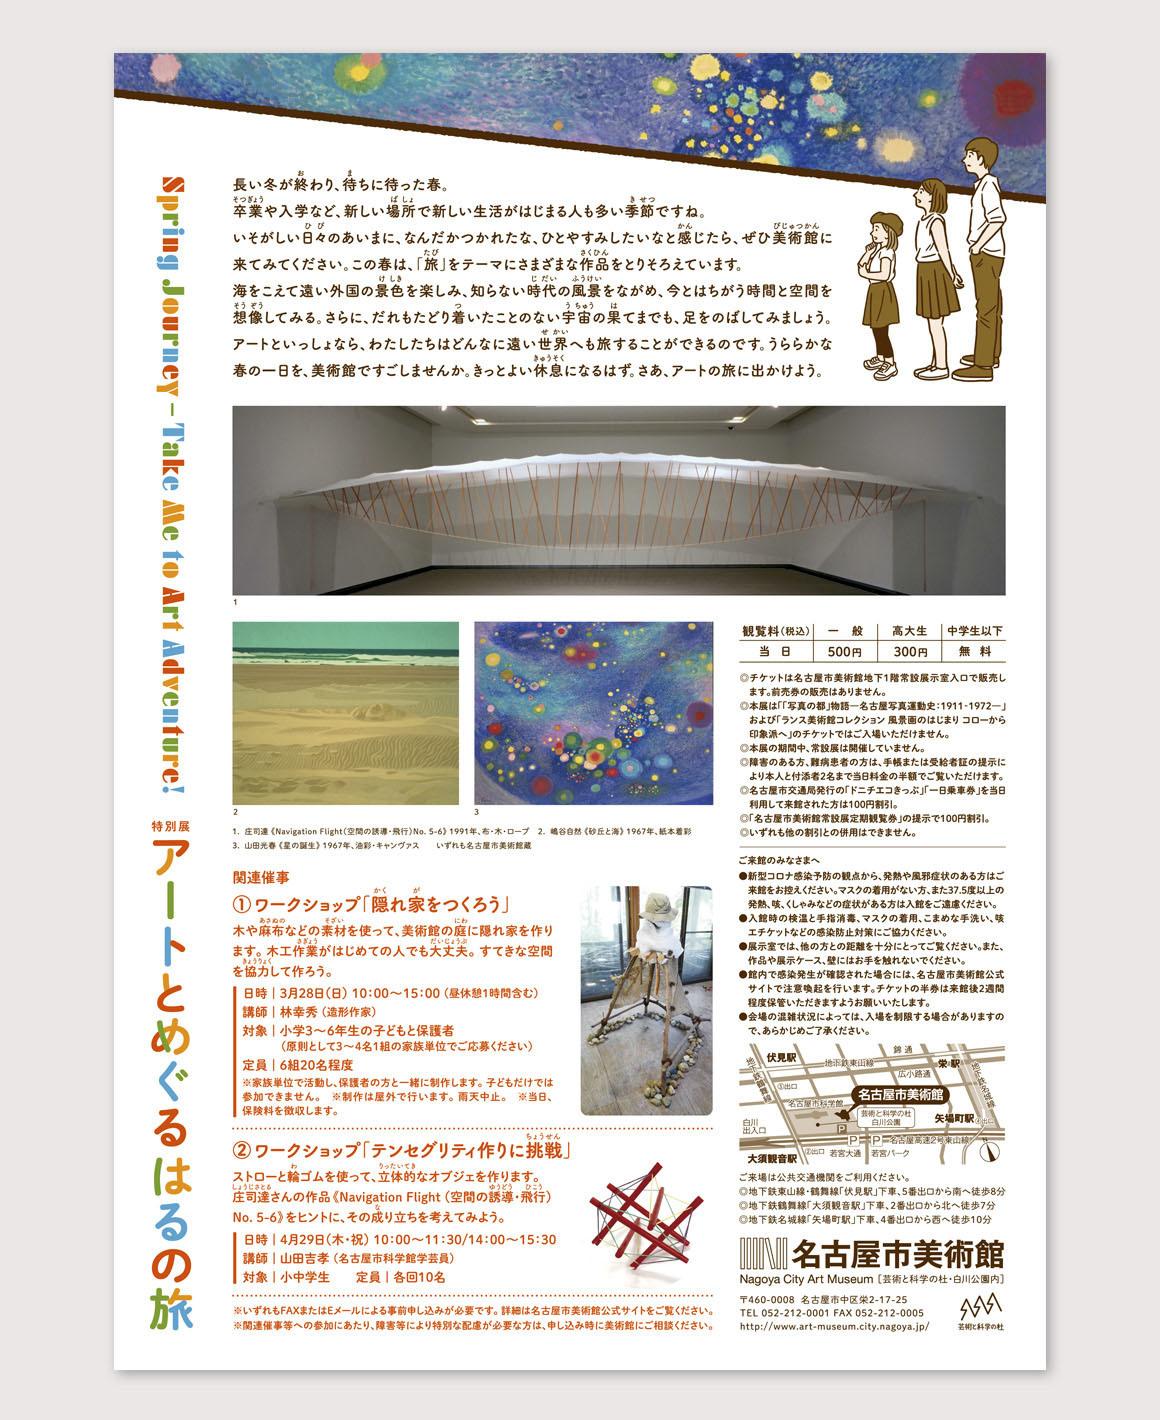 WORKS アートとめぐるはるの旅_e0206124_12193419.jpg